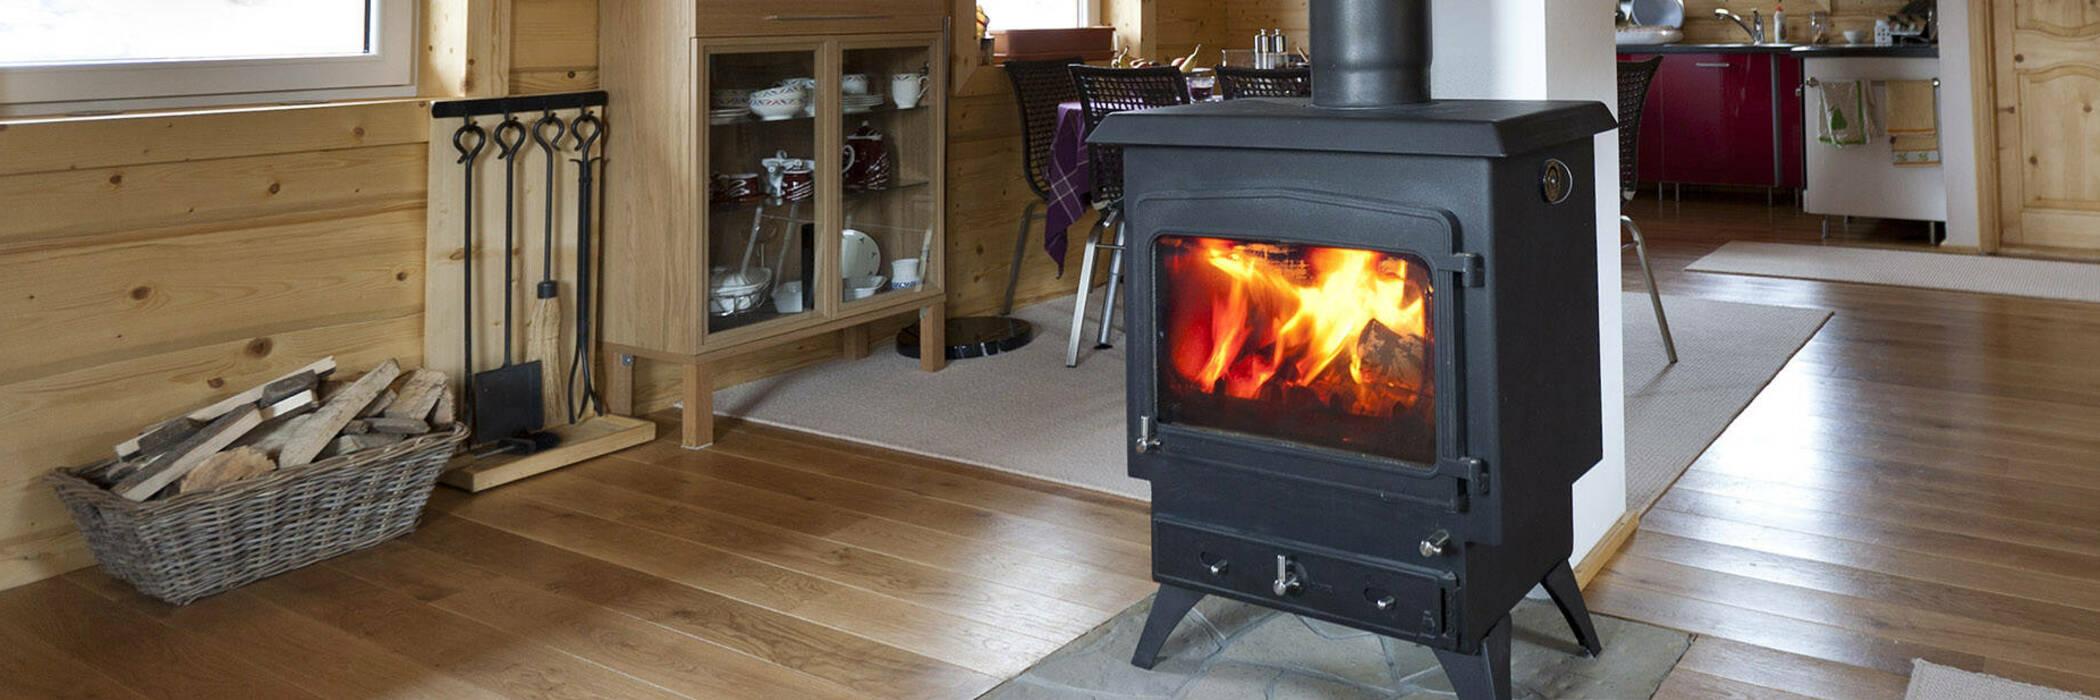 Woodburner lit inside a house.